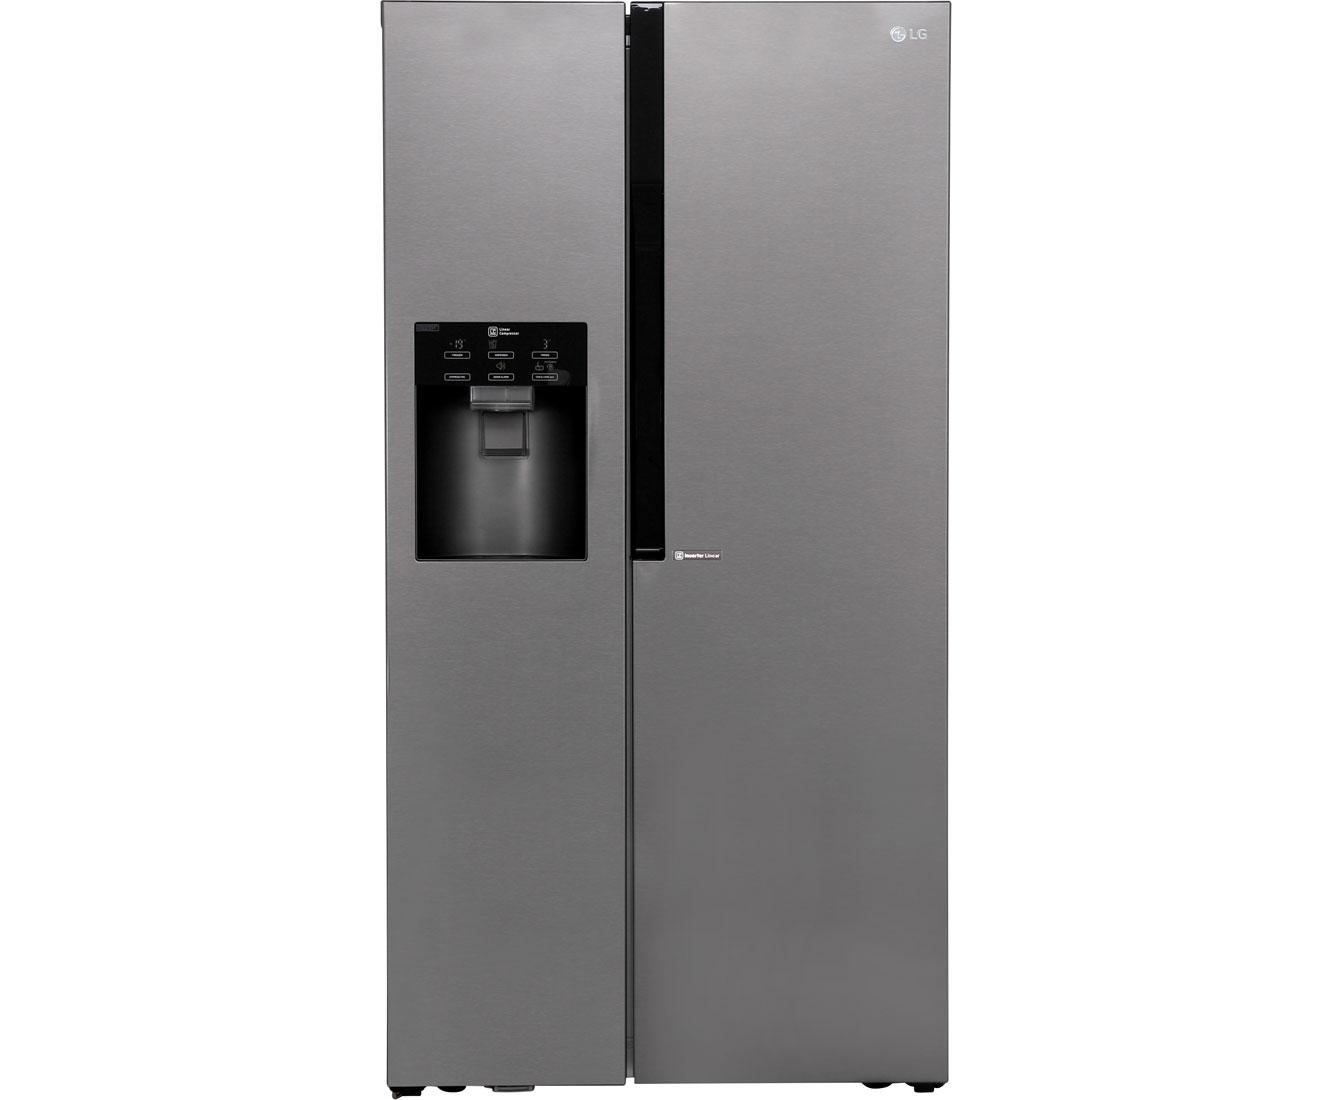 Retro Kühlschrank Poco : Amerikanische kühl gefrierkombination retro kühlschrank modelle